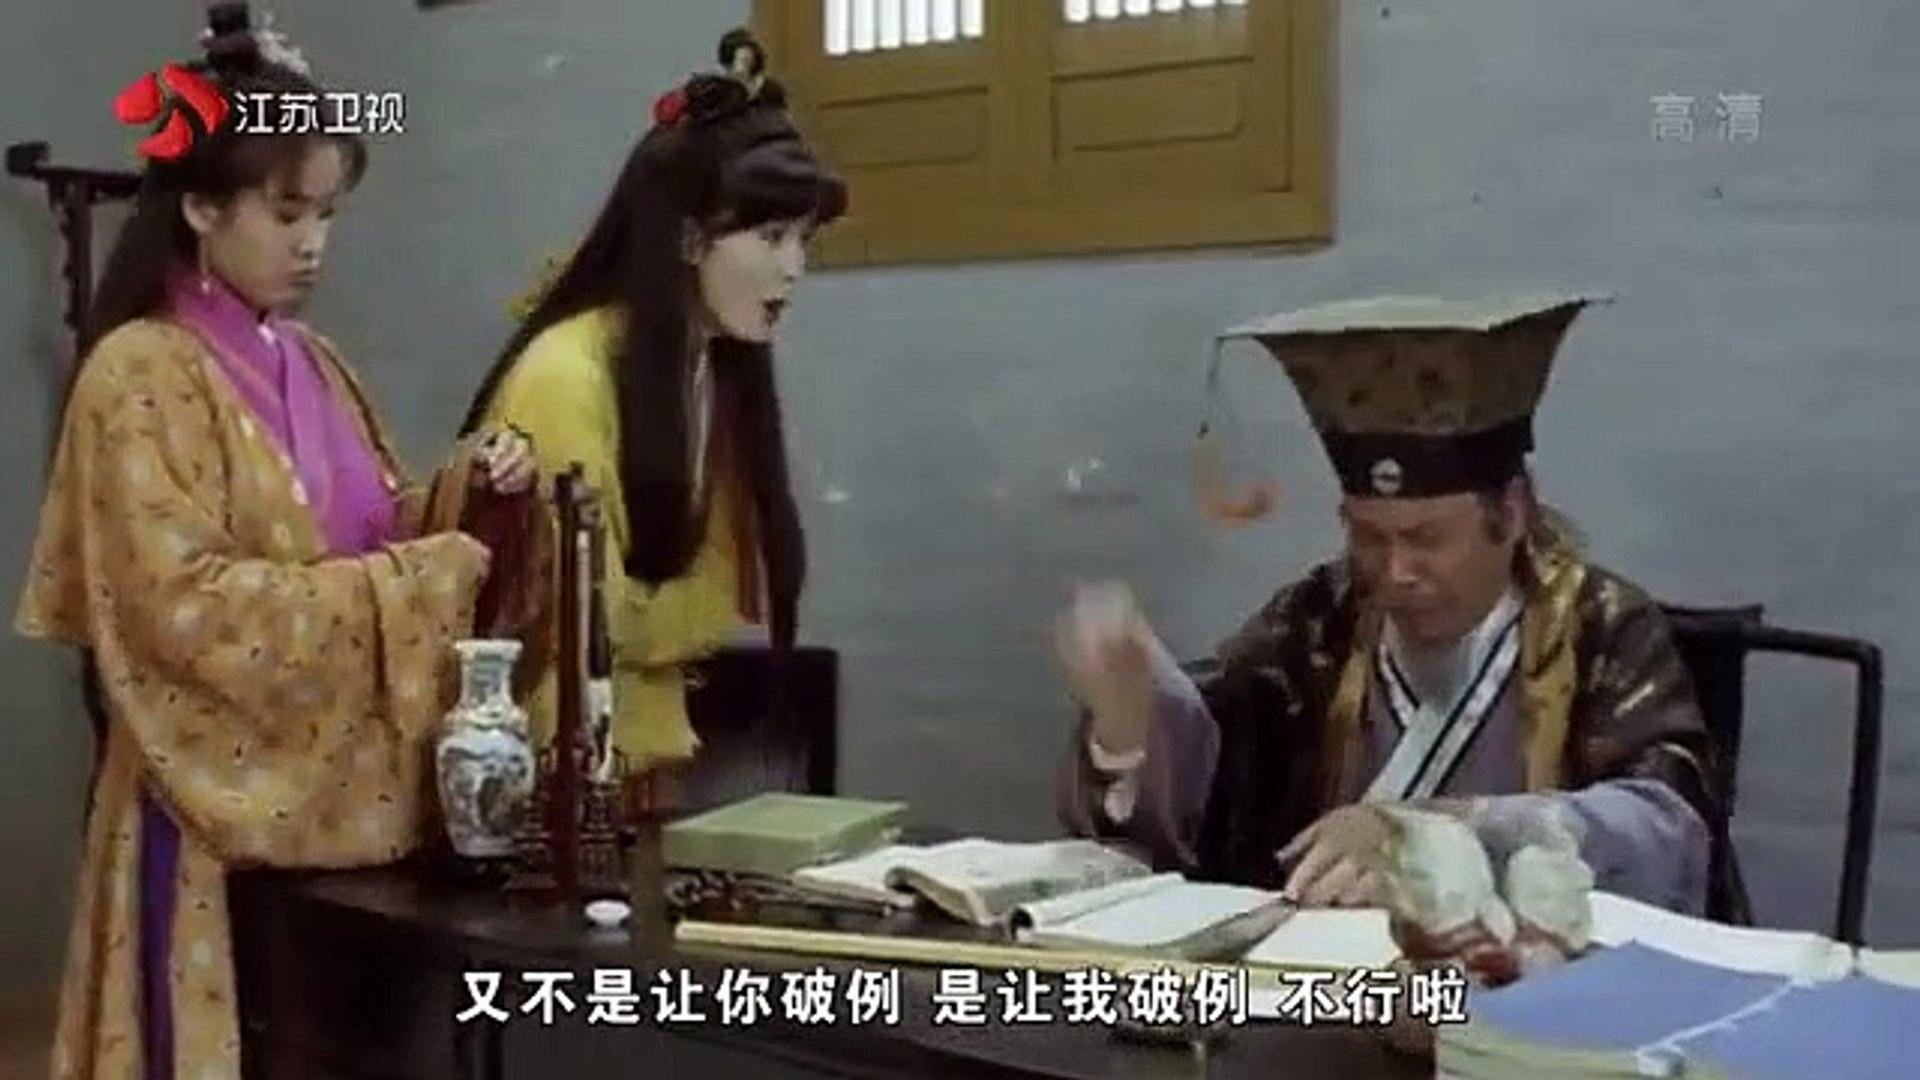 Phim Lớp Học Siêu Quậy HD Lồng Tiếng Trương Vệ Kiện Quách Phú Thành part 1/3